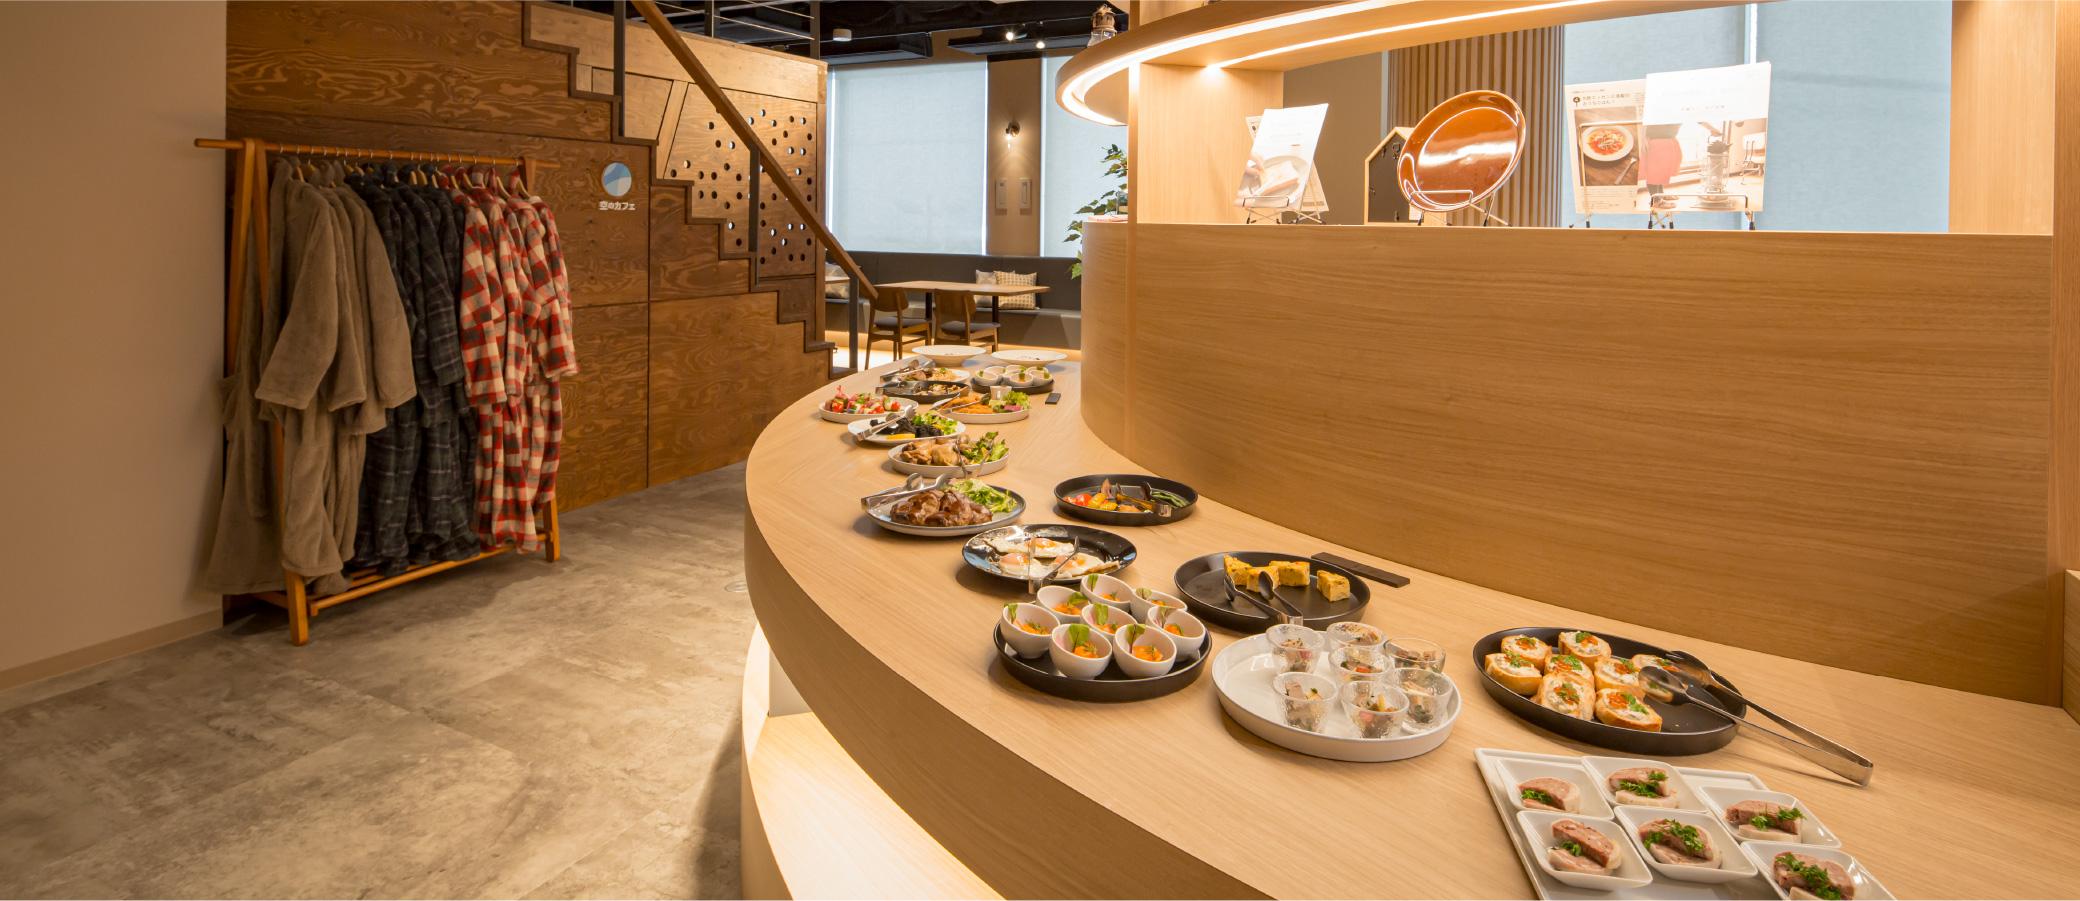 空のカフェ 炭鉱のレストラン カウンターに並ぶ料理